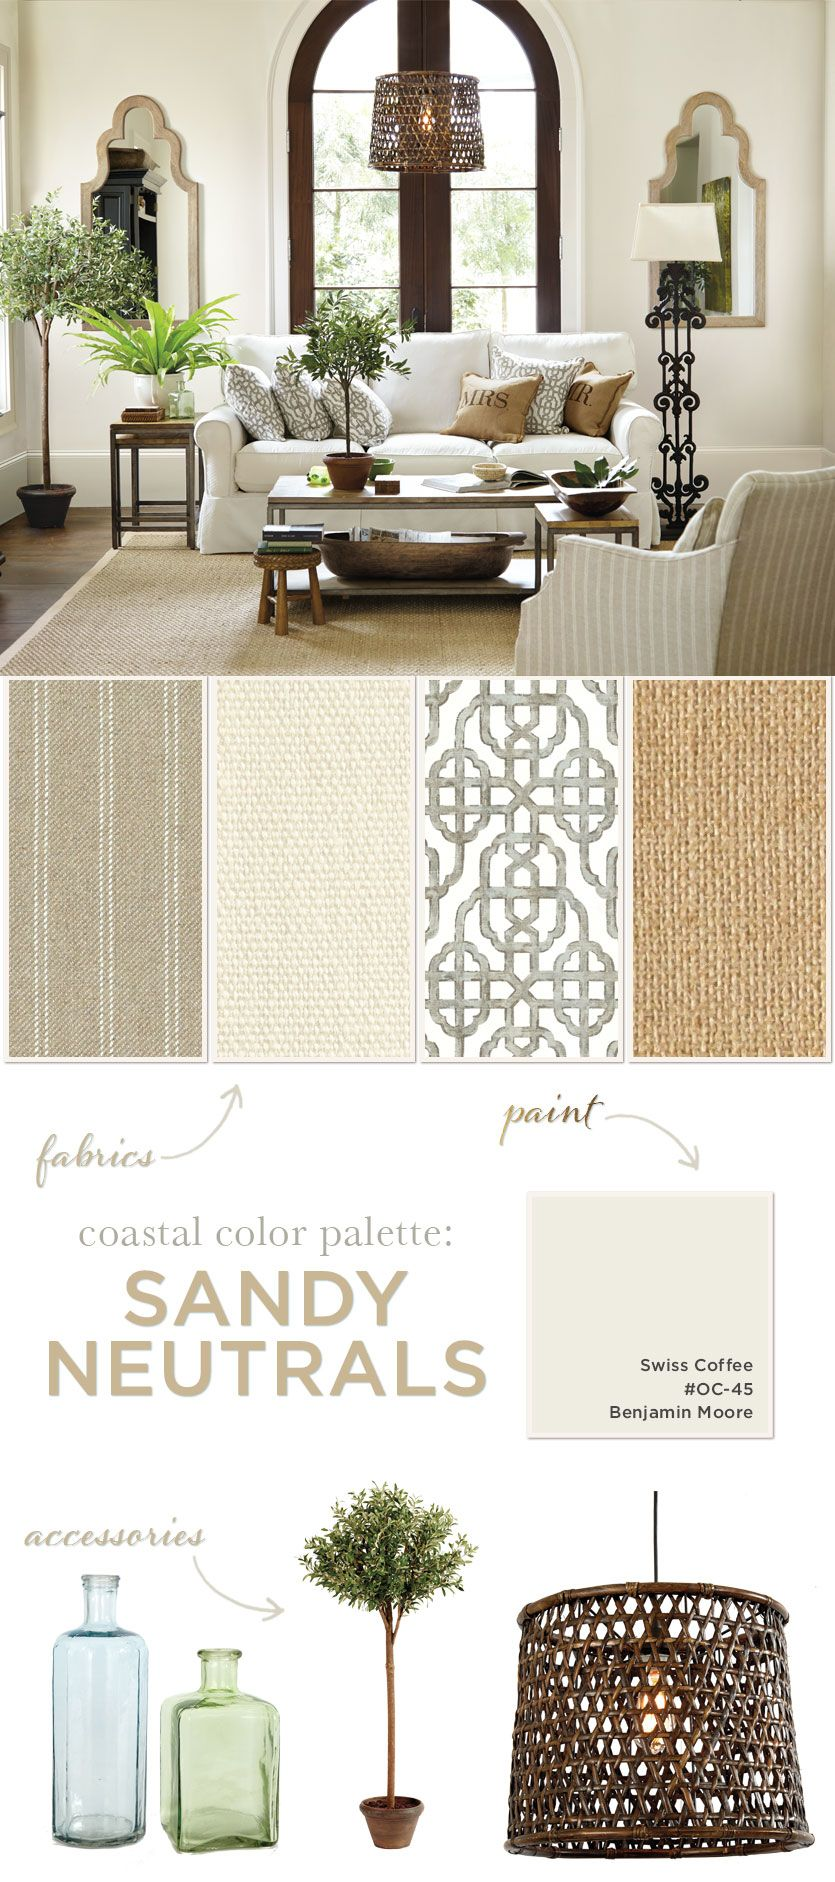 Coastal color palette sandy neutrals coastal color for Coastal living exterior paint colors